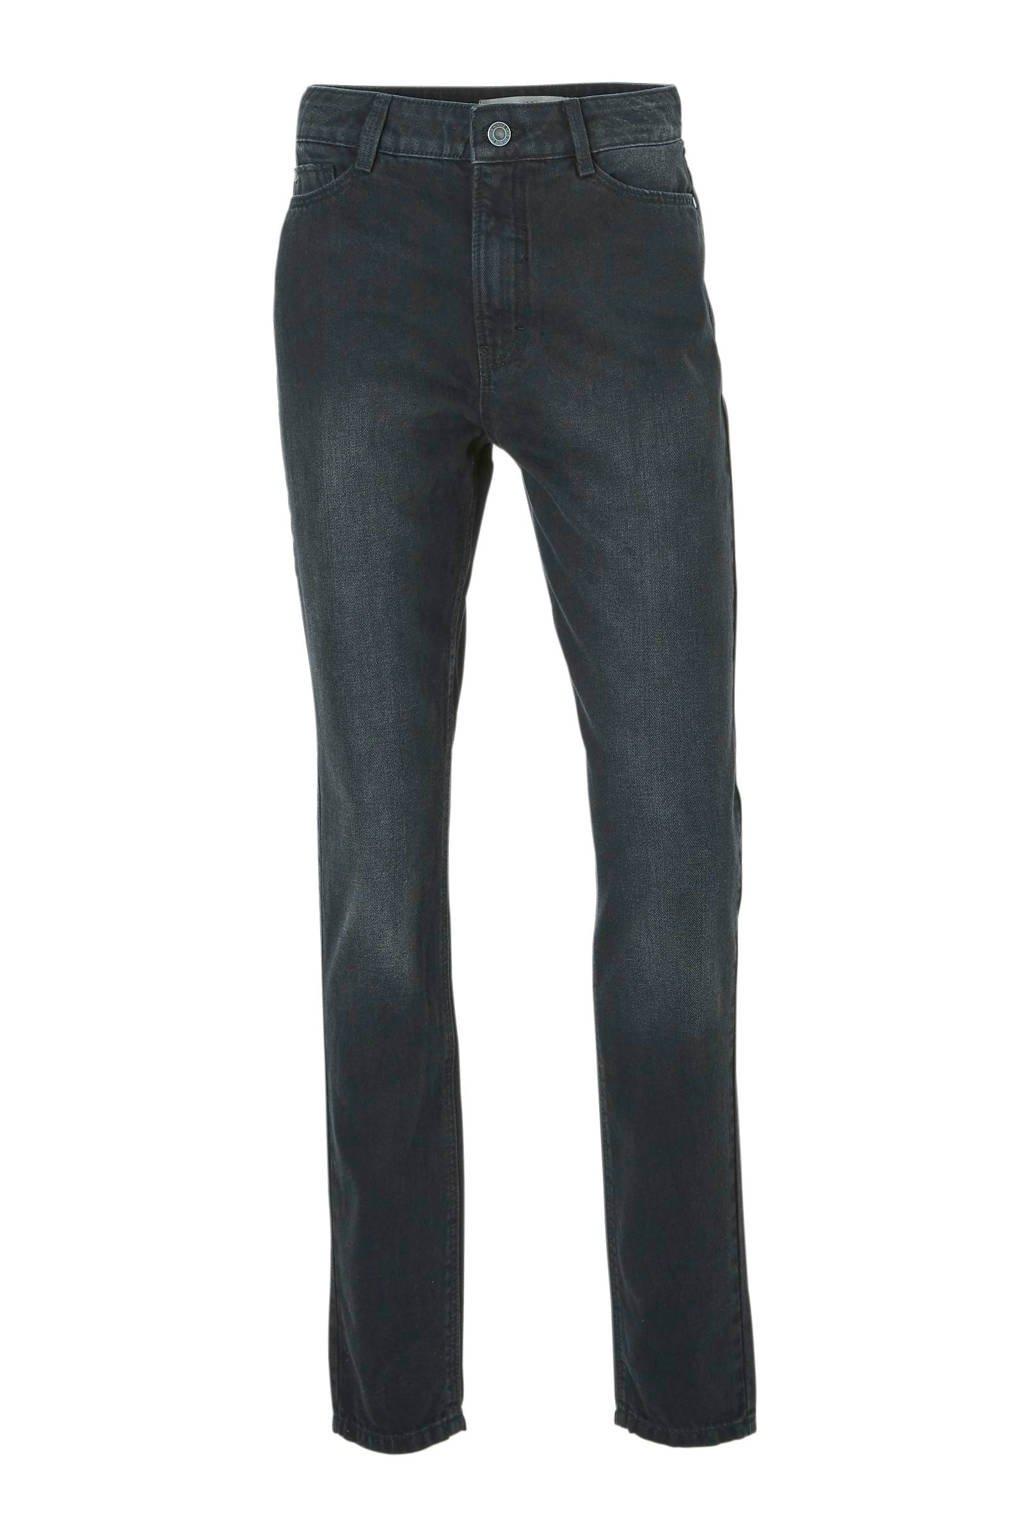 C&A Clockhouse mom fit jeans high fit zwart, Zwart